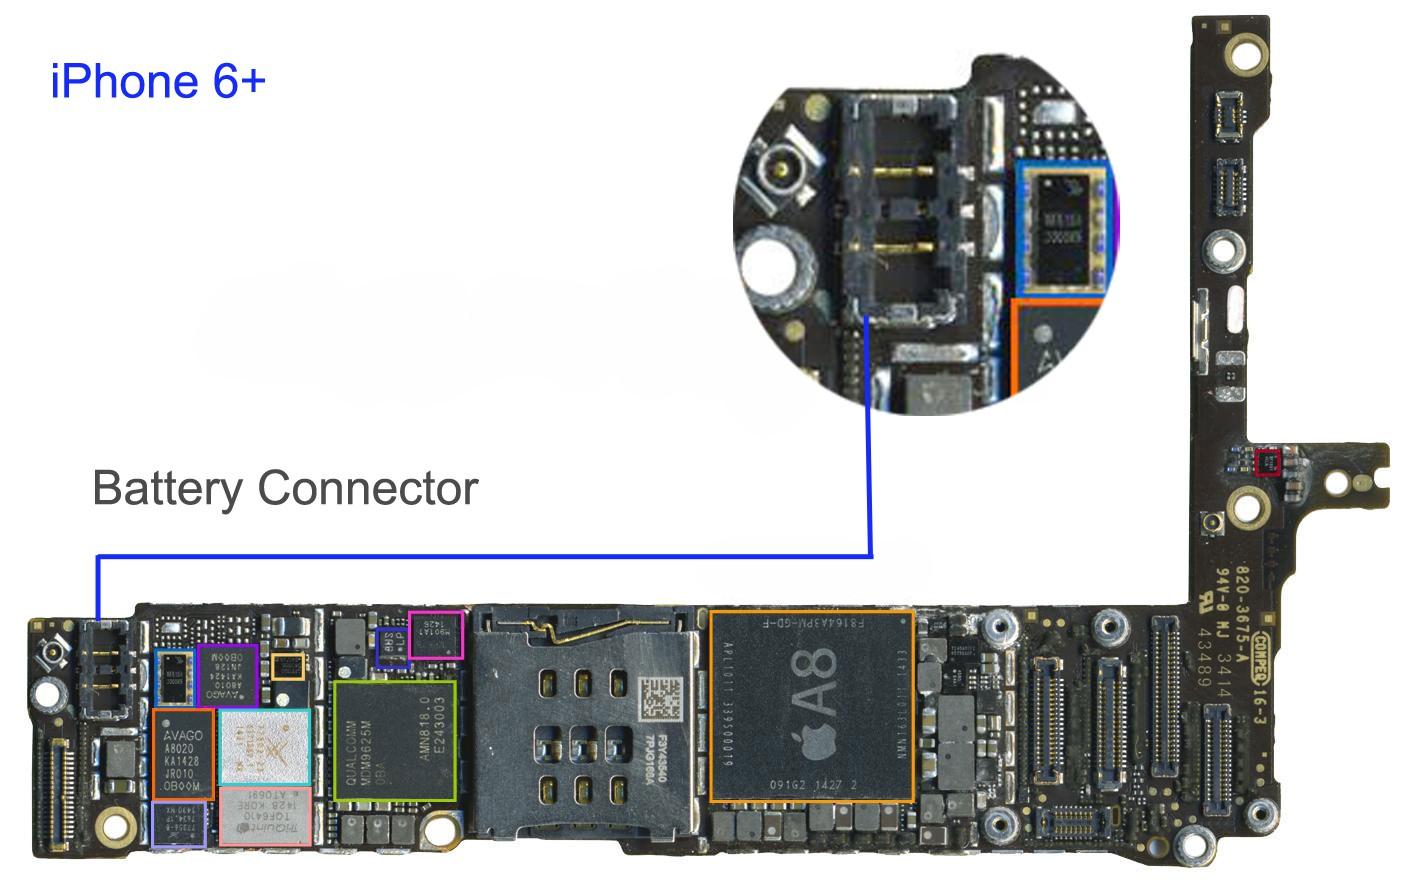 Apple Repair Specialist Micro Soldering Board Level Repairs Ipad 2 Logic Diagram Fpc Connector Iphone 6